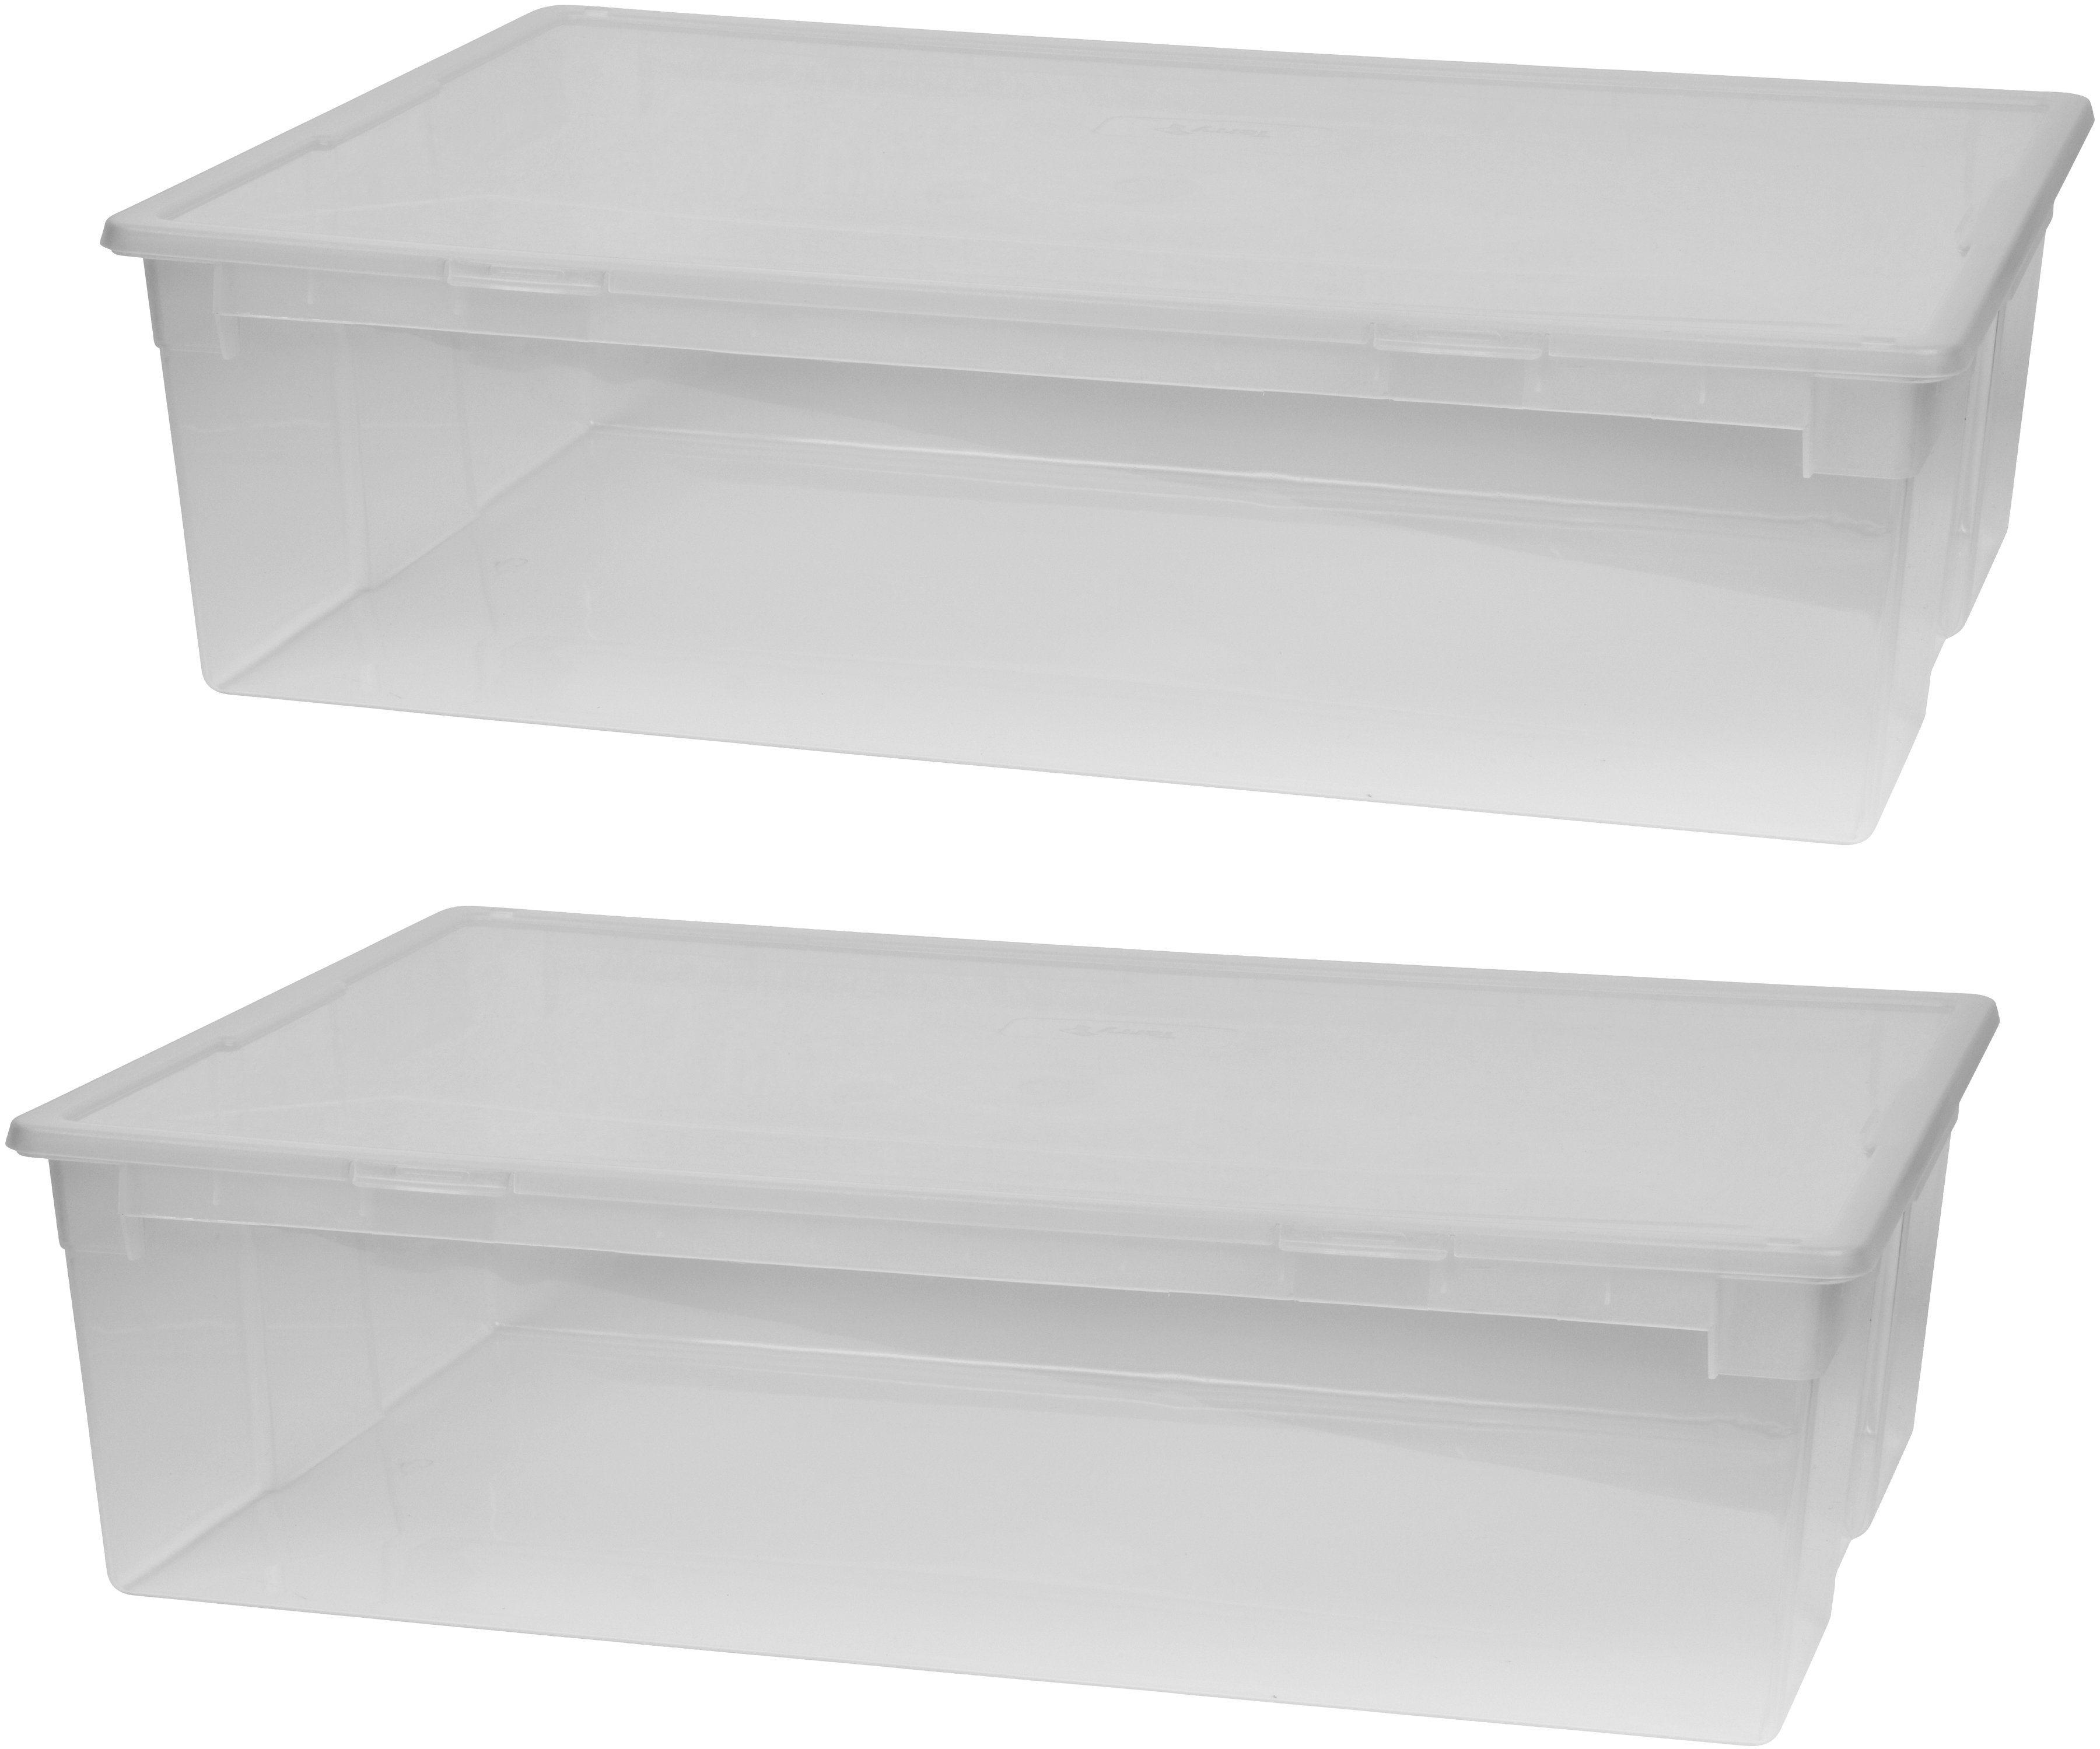 KREHER Aufbewahrungsbox »2x 22 Liter, mit Deckel« 2er Set | Dekoration > Aufbewahrung und Ordnung > Kästchen | Kreher